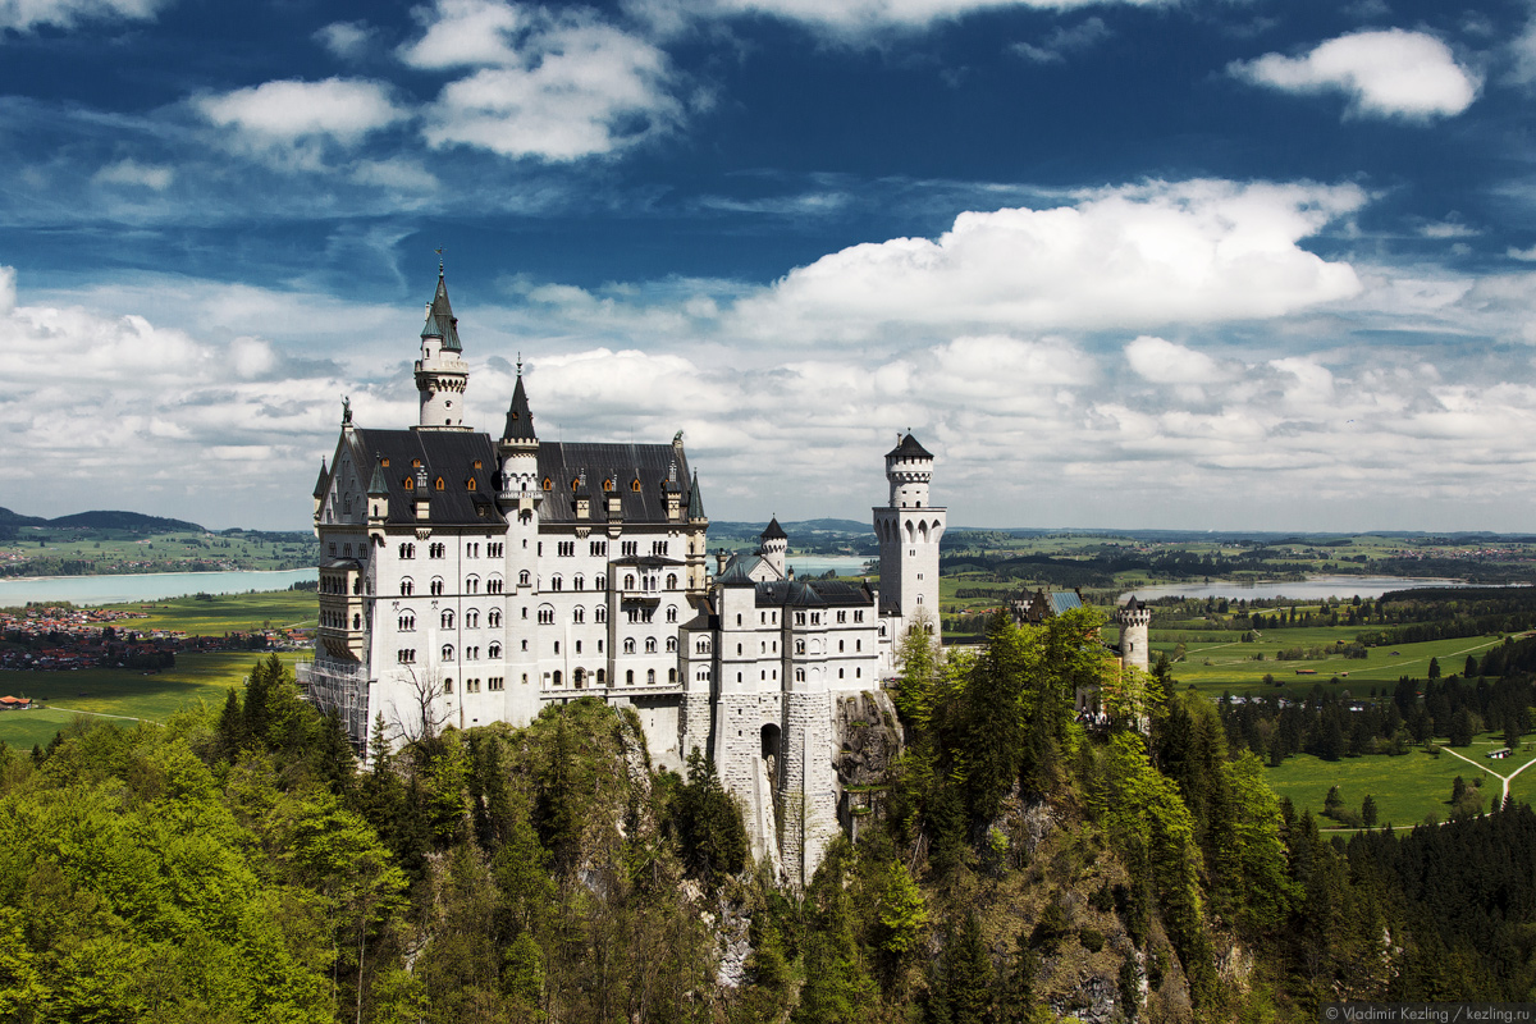 В краю замков и сказок. Нойшванштайн — cказочный замок сказочного короля